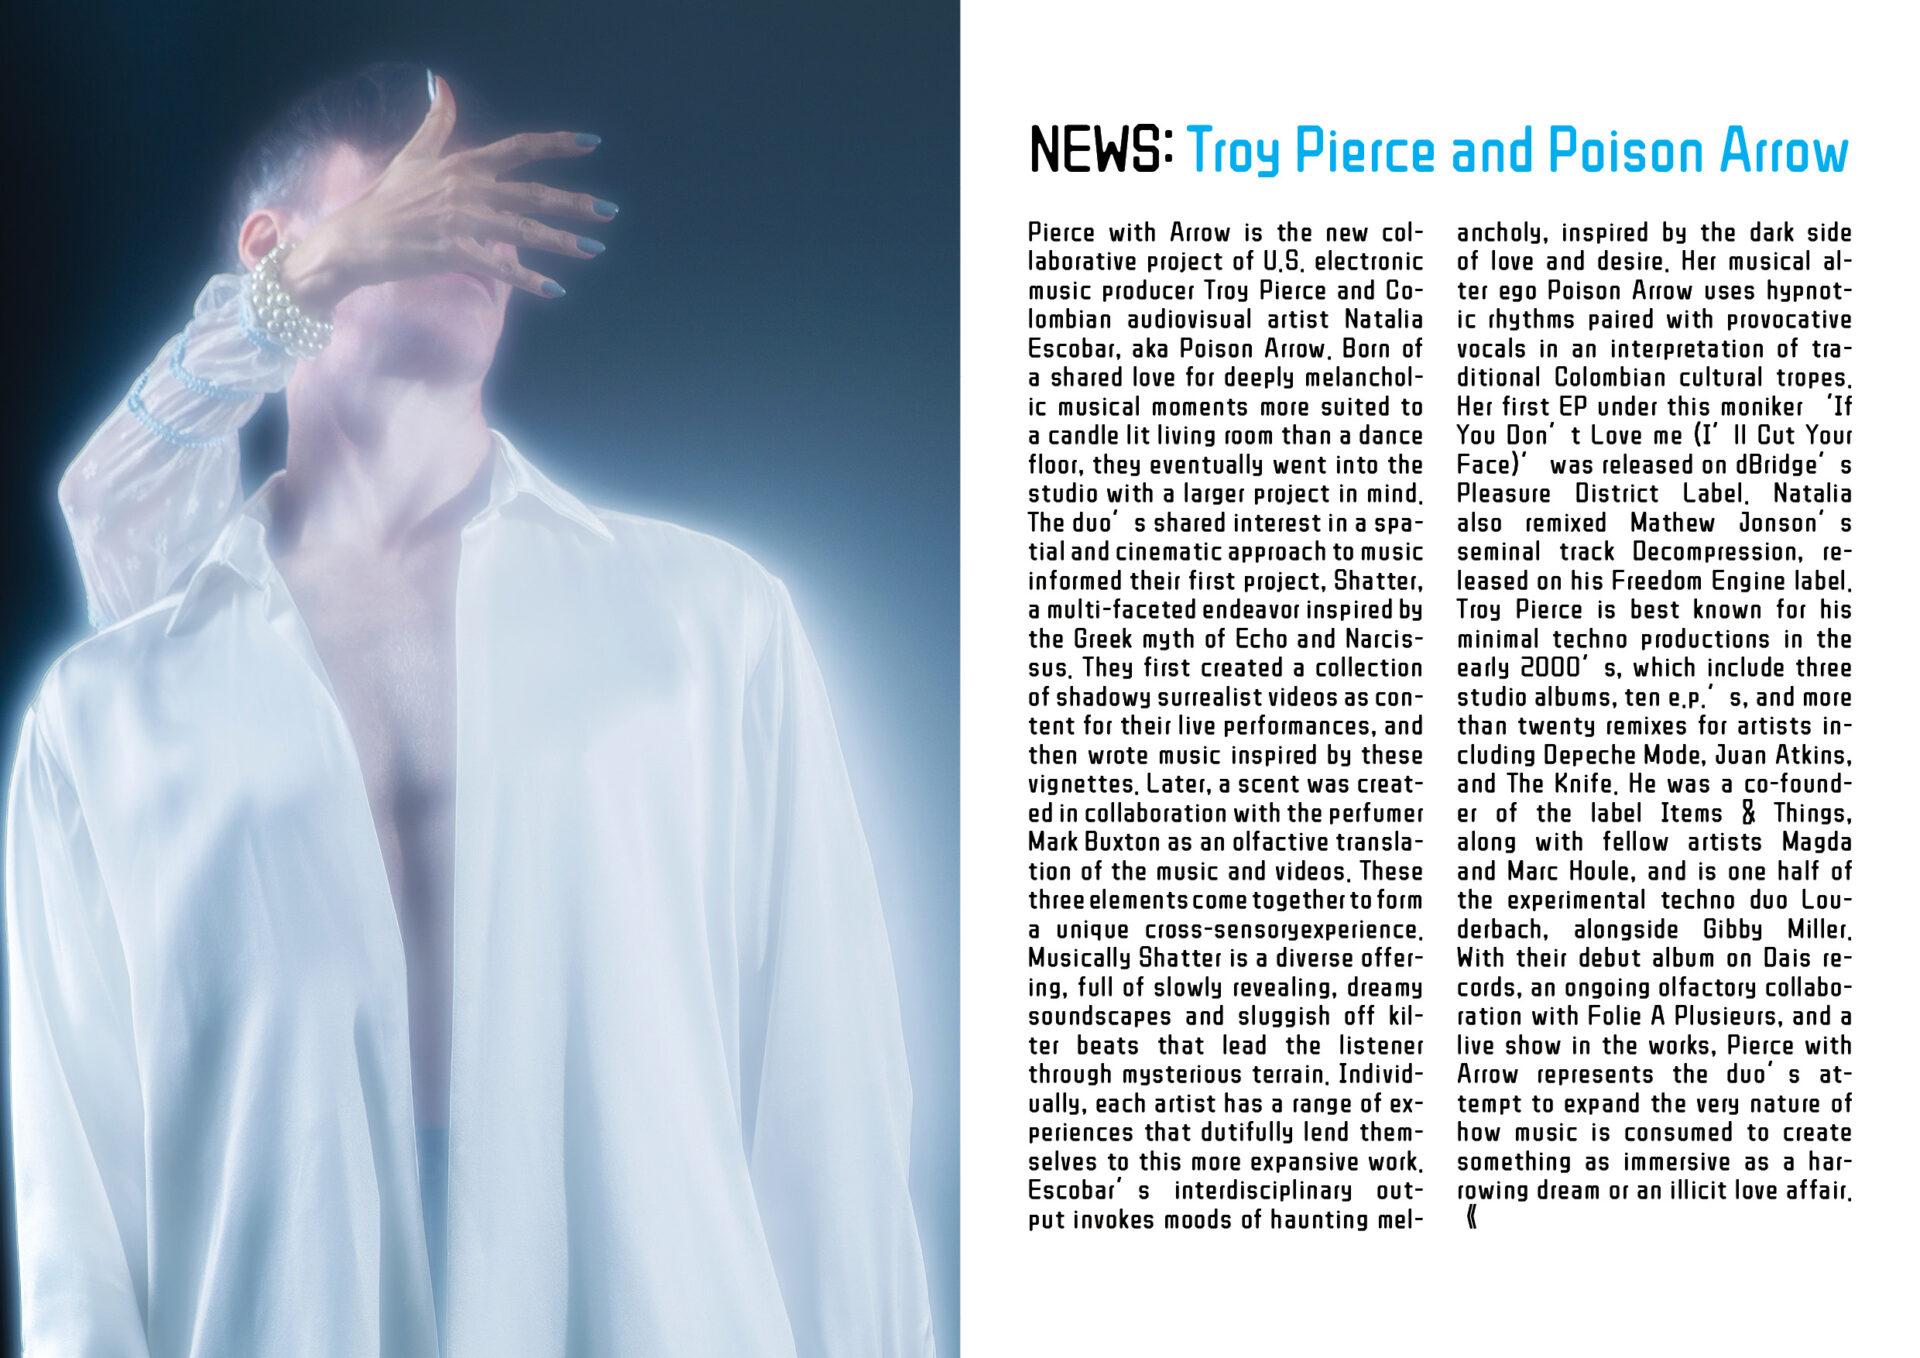 NEWS:Troy Pierce and Poison Arrow + Q&A by Grzegorz Bacinski with photos by Cornelia Thonhauser.